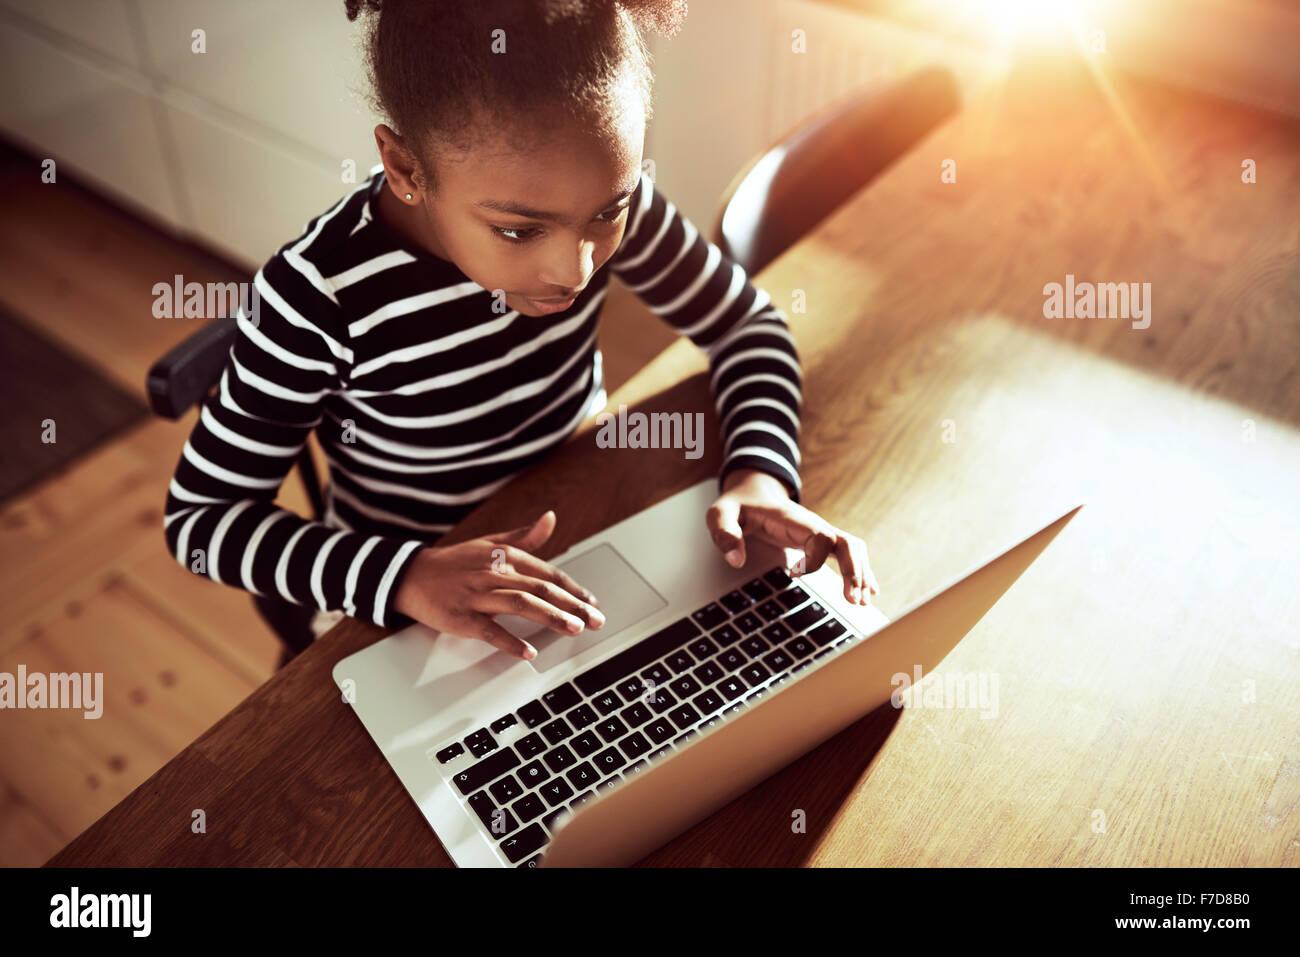 Erhöhte Ansicht von oben von einem netten jungen afrikanischen Mädchen Surfen im Web mit einem Laptop Stockbild